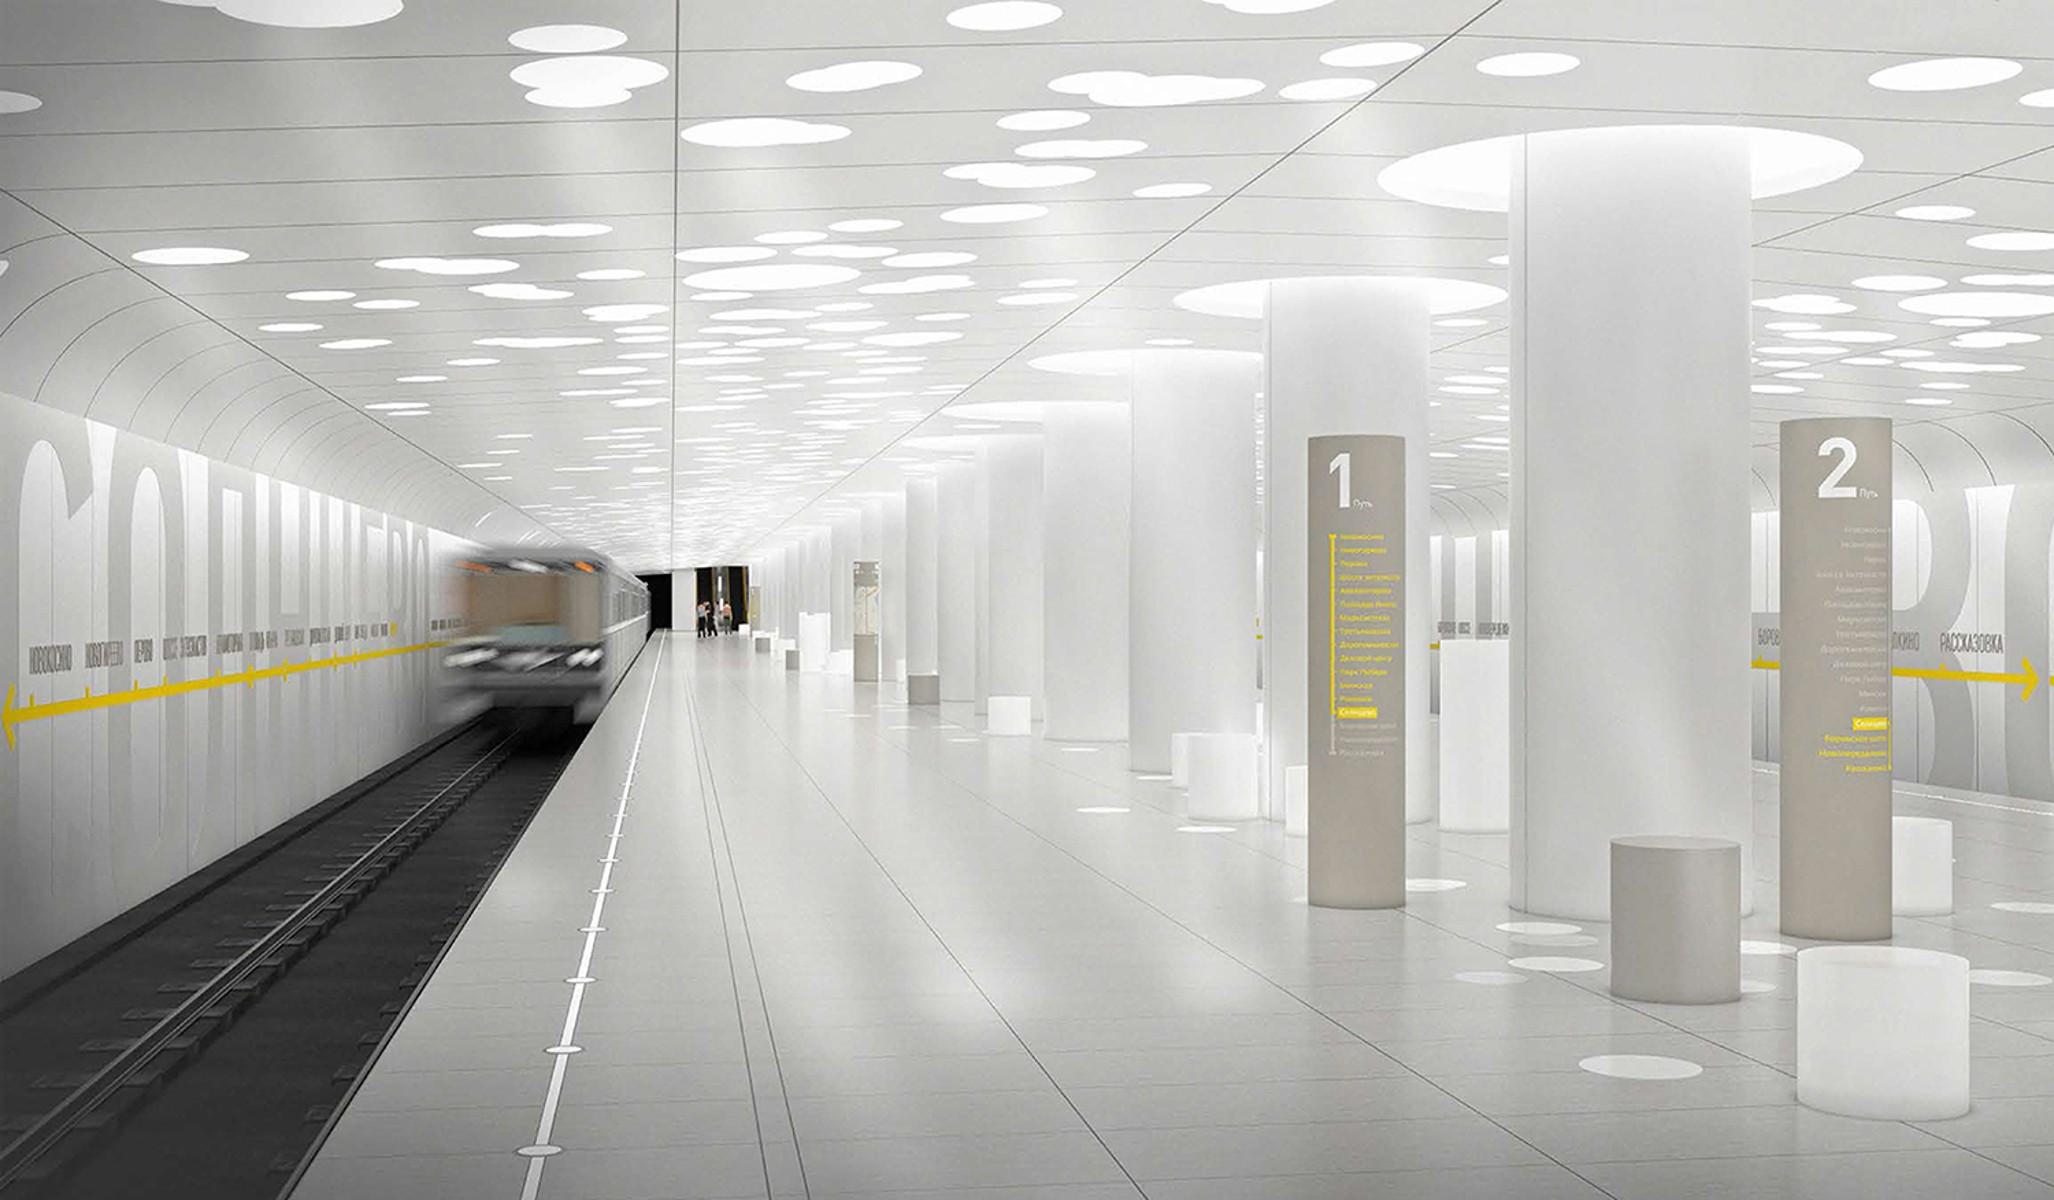 Виртуальные библиотеки появятся навсех станциях метро Москвы